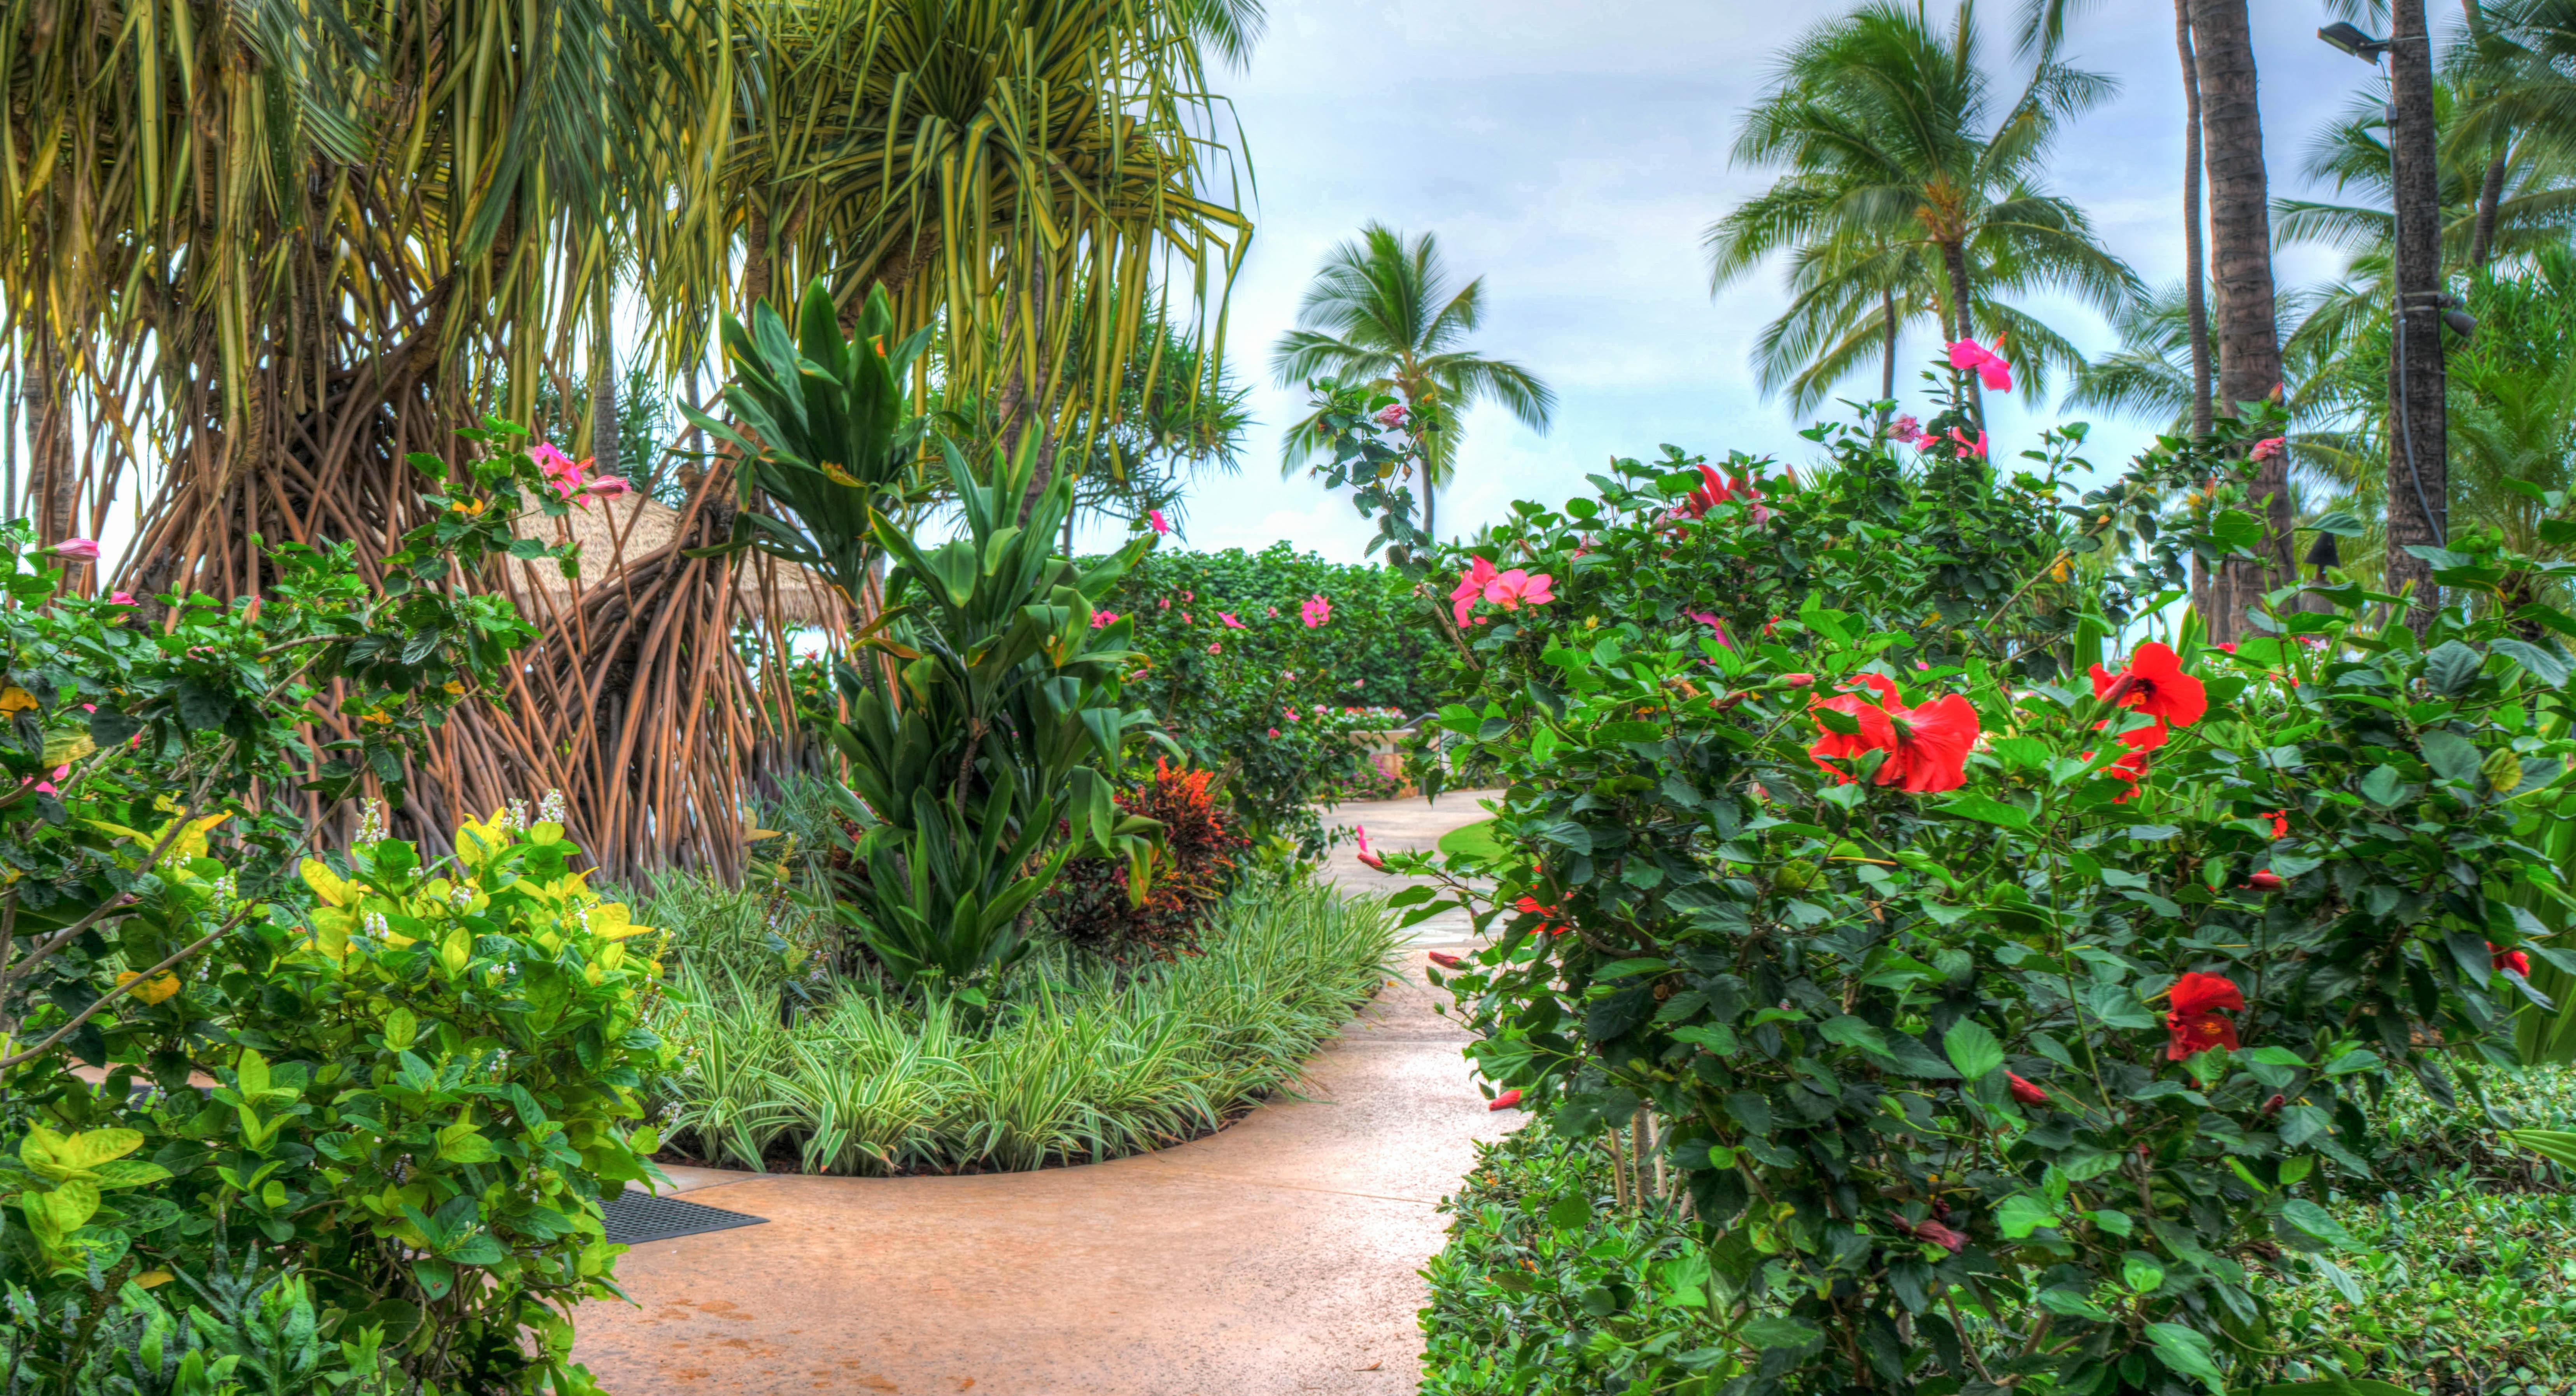 румянец, тропический сад гавайи фото минувшие